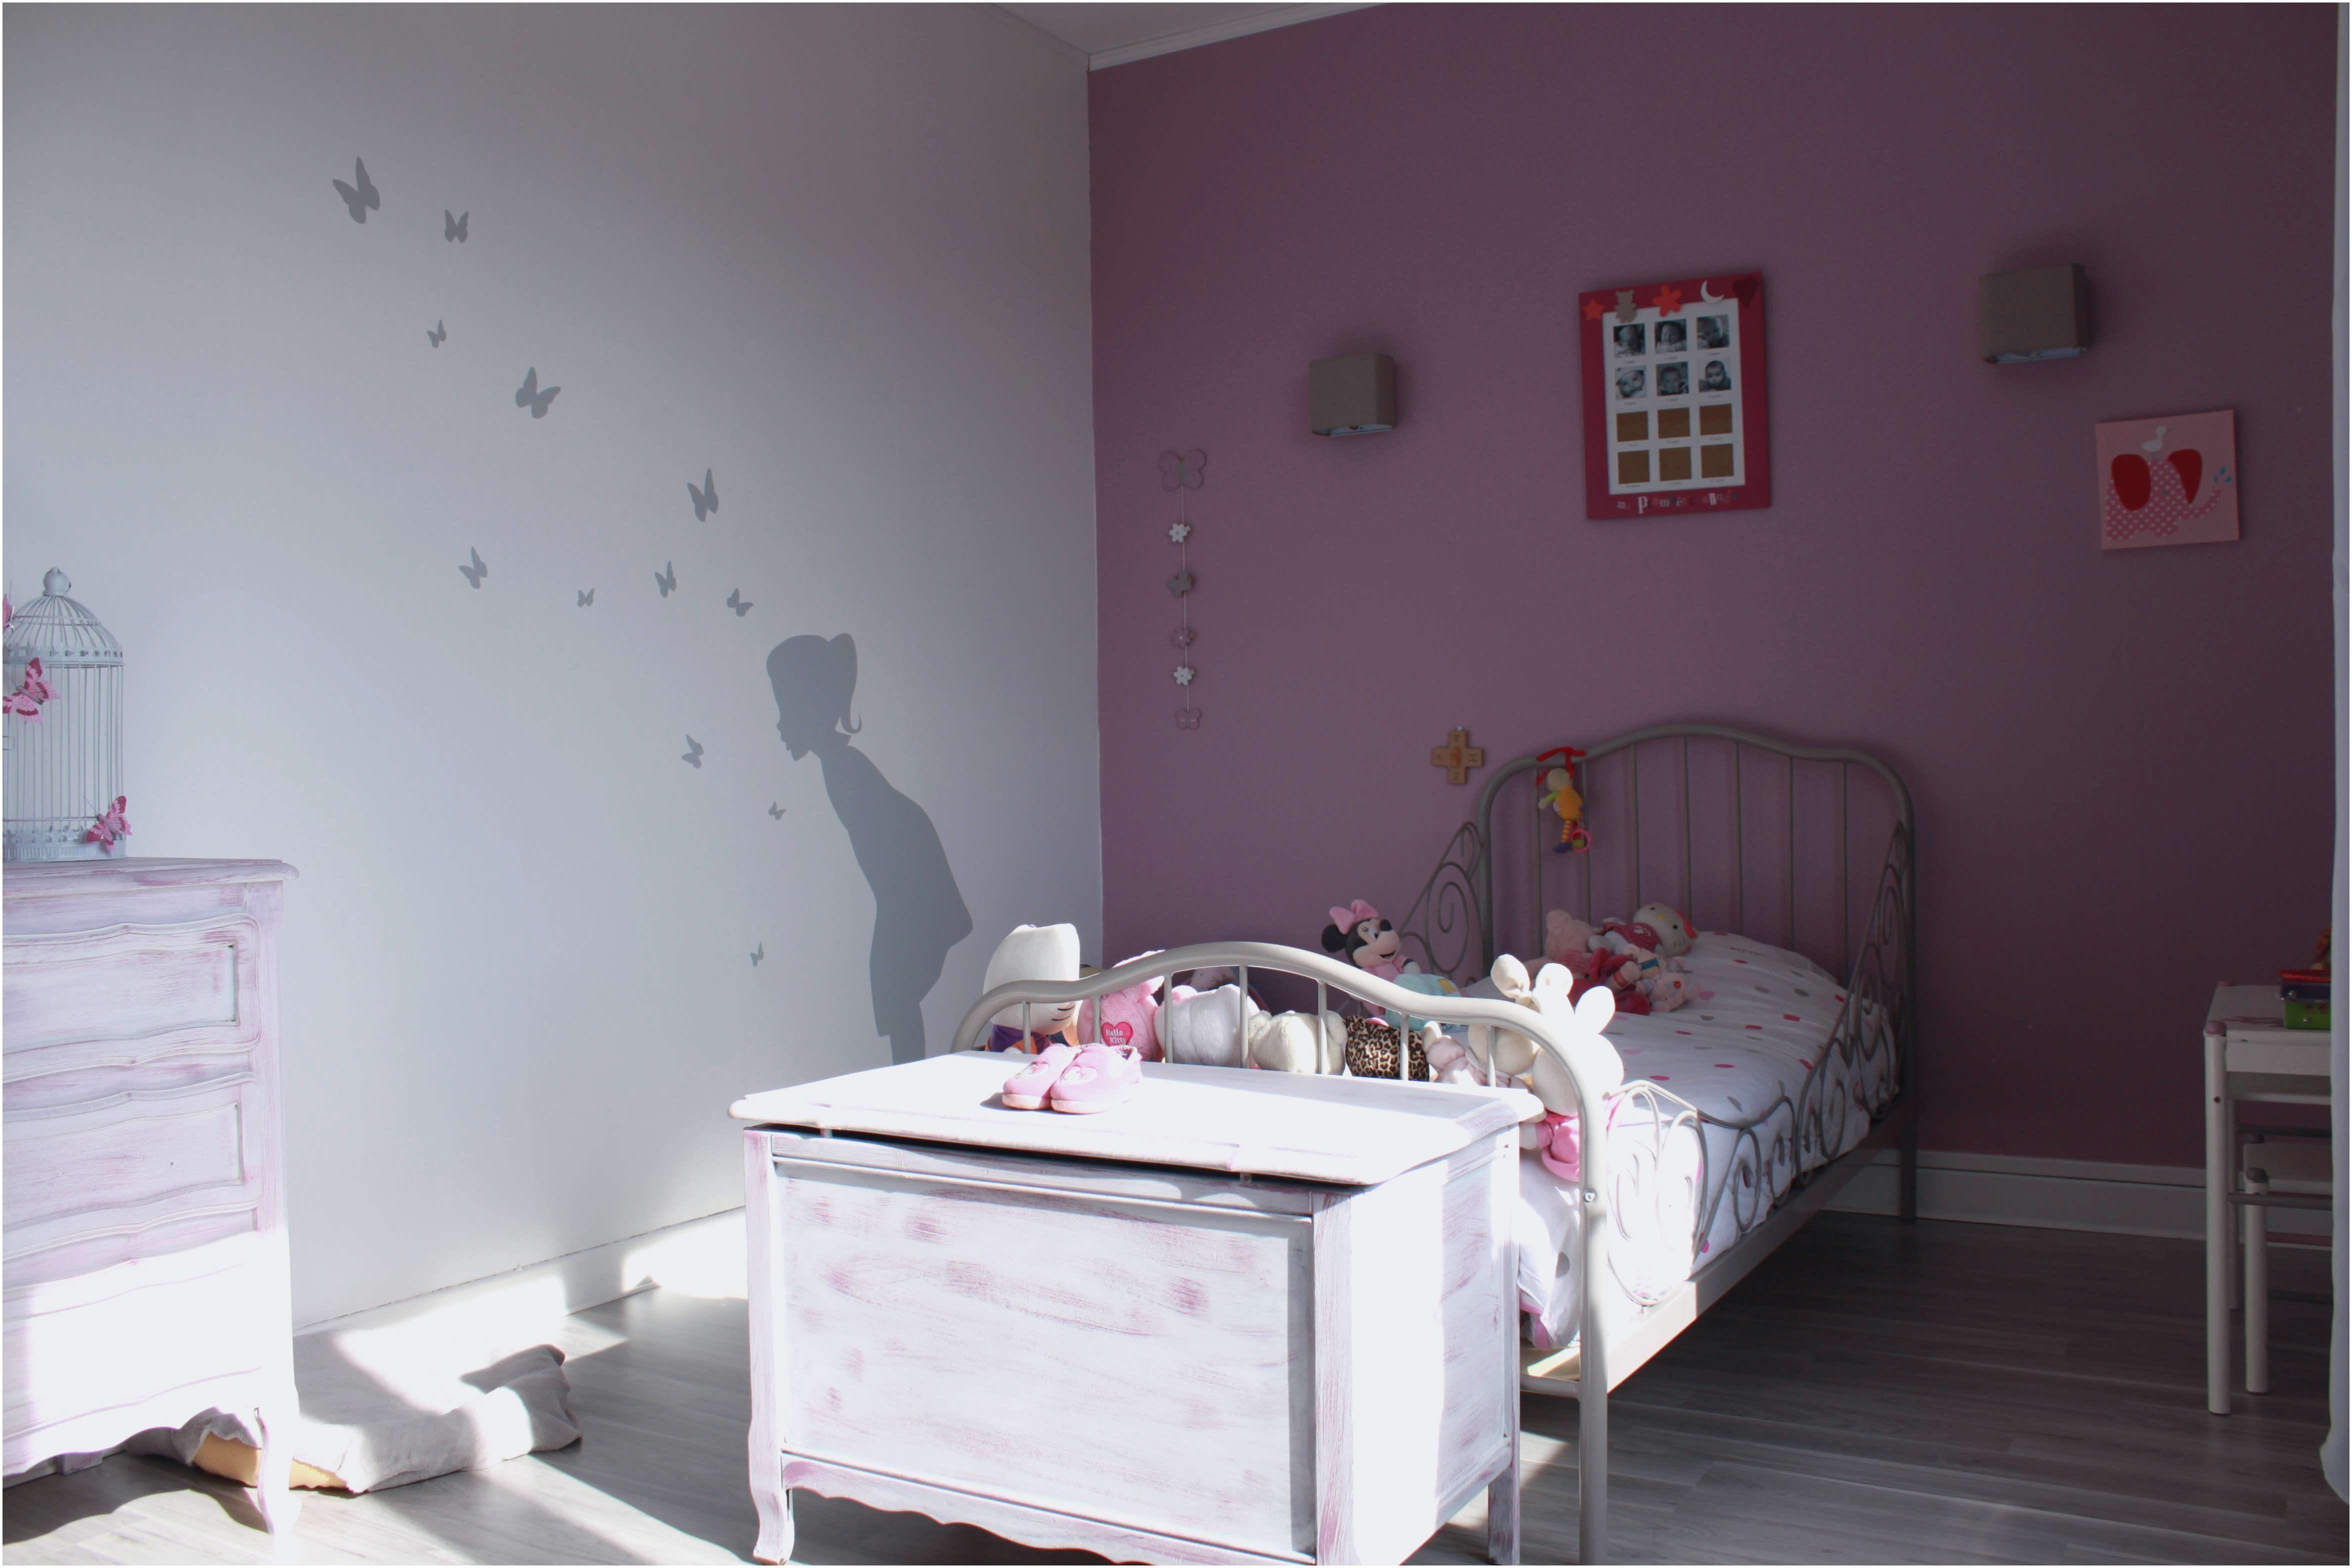 Accessoire Lit Bébé Joli Elégant Chambre Bébé Fille Gris Et Rose Beau Parc B C3 A9b C3 A9